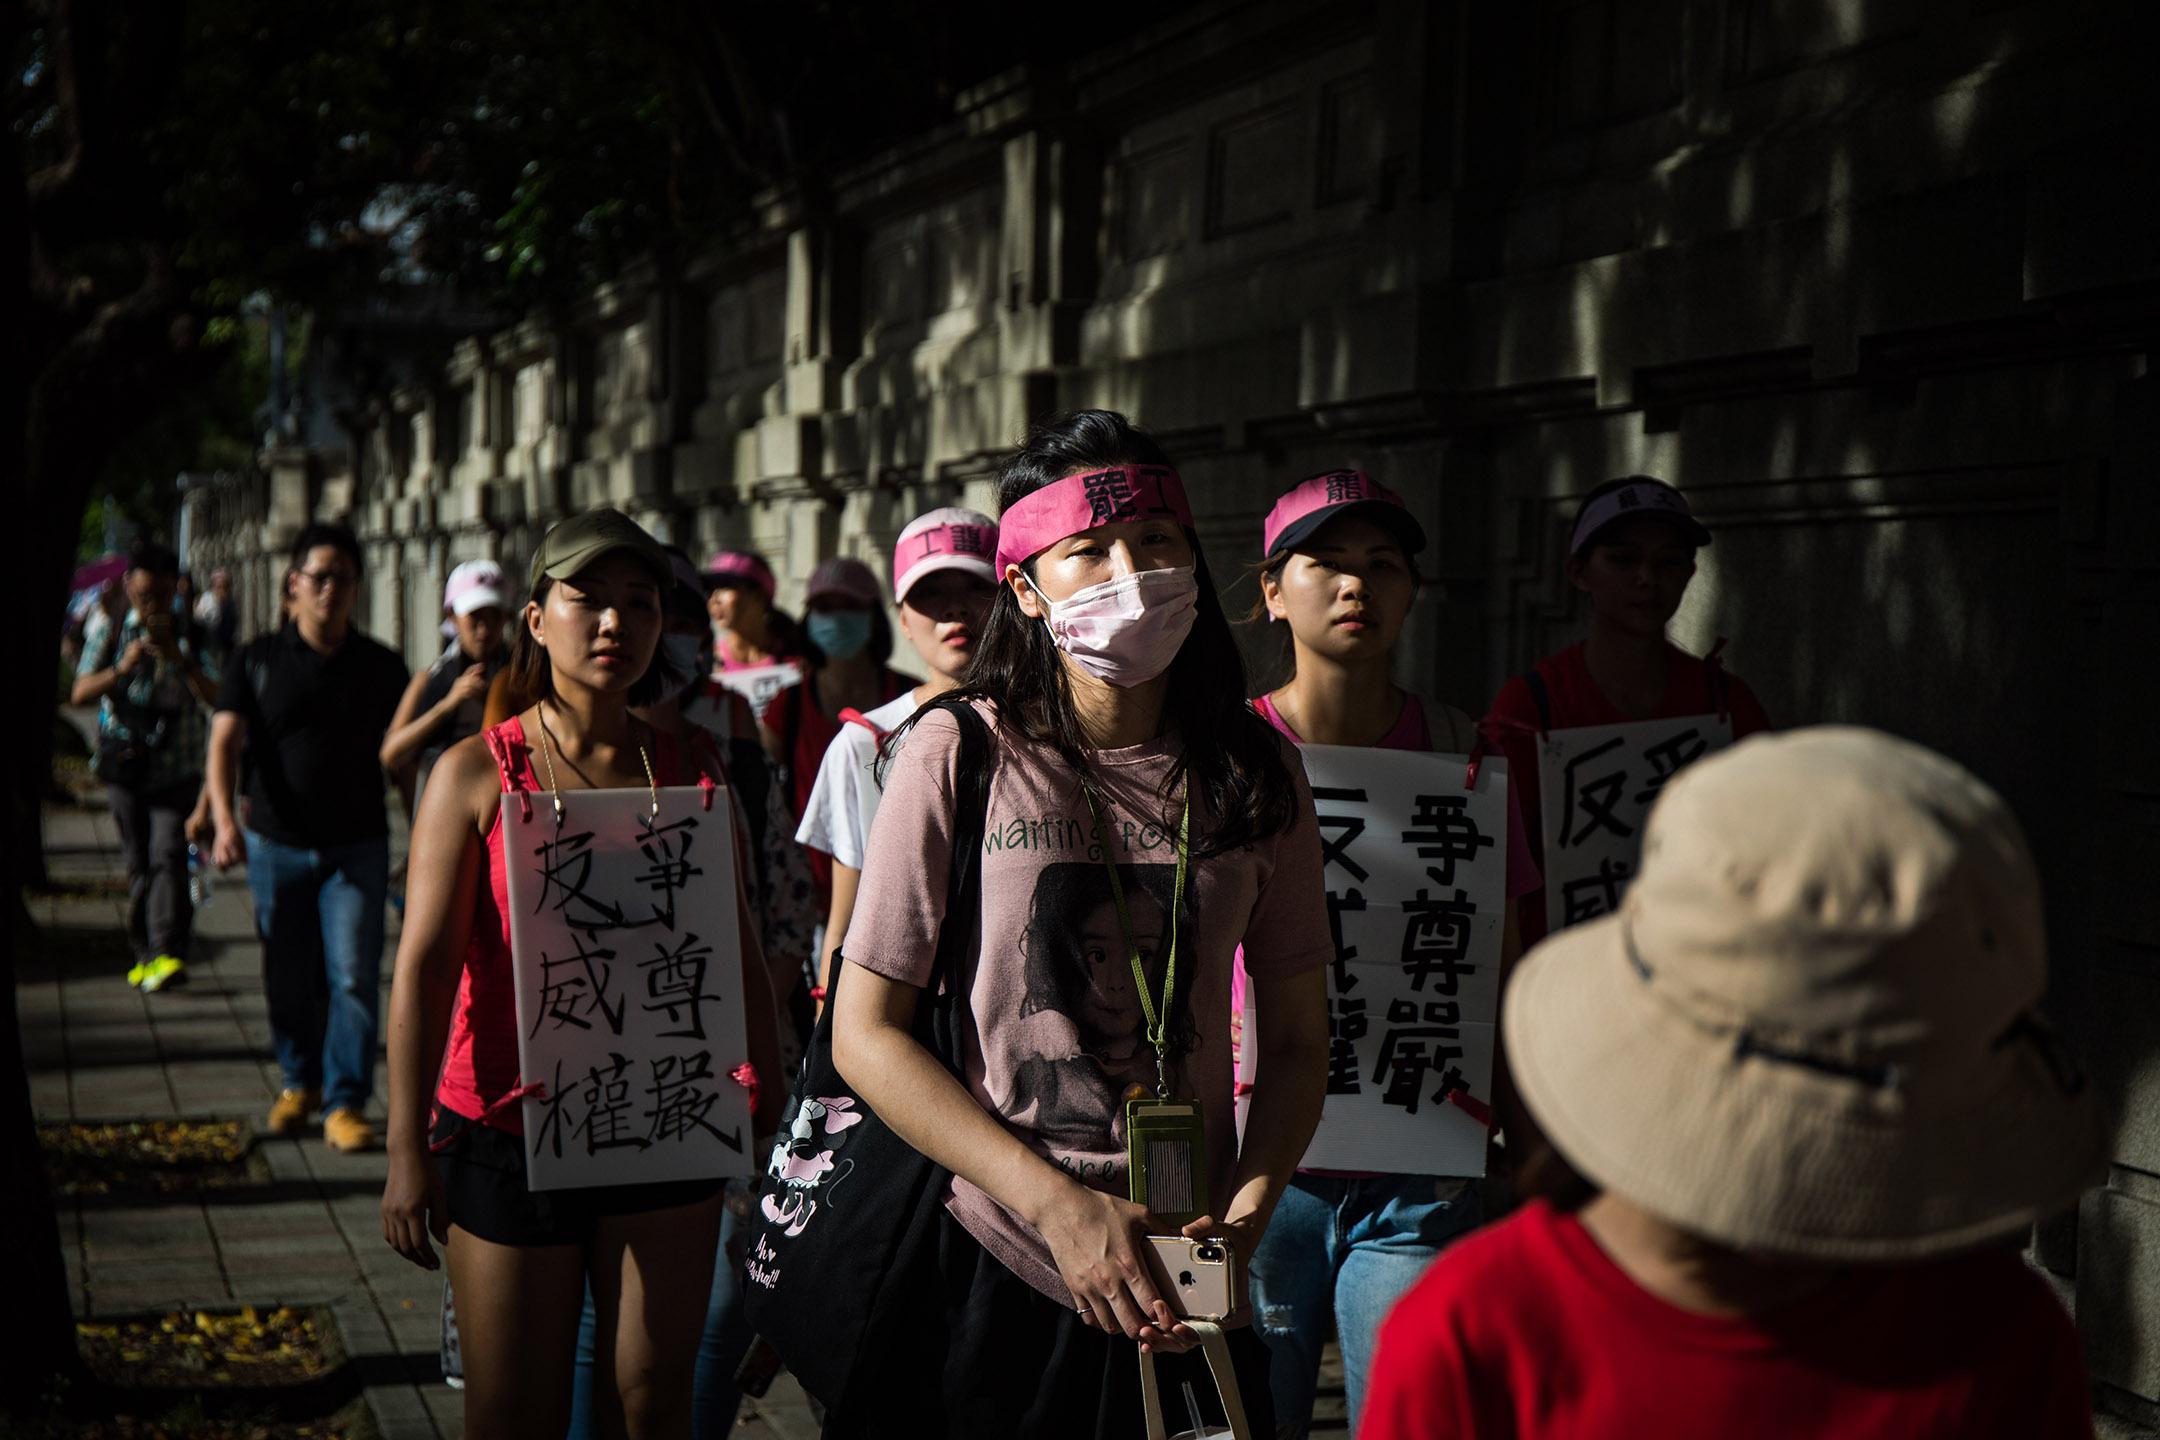 2019年7月5日,長榮工會發起苦行,由桃園南崁遊行到台北總統府。 攝:陳焯煇/端傳媒